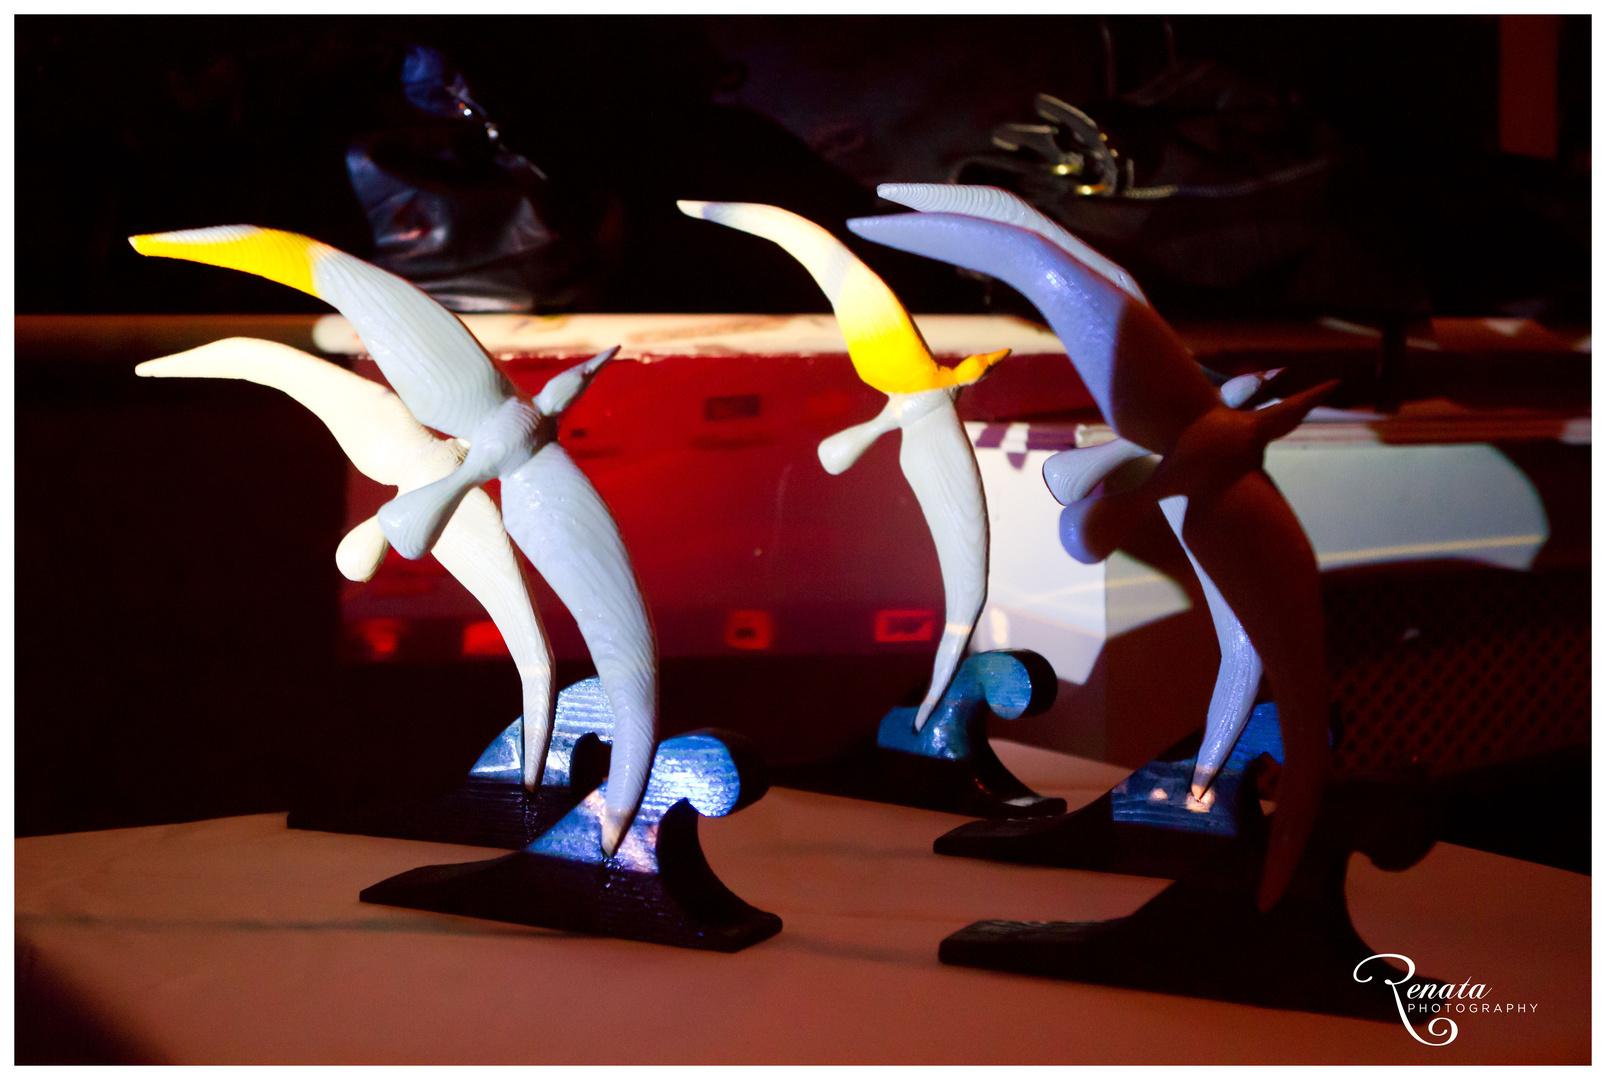 000_Balto paukscio skrydis2012.jpg